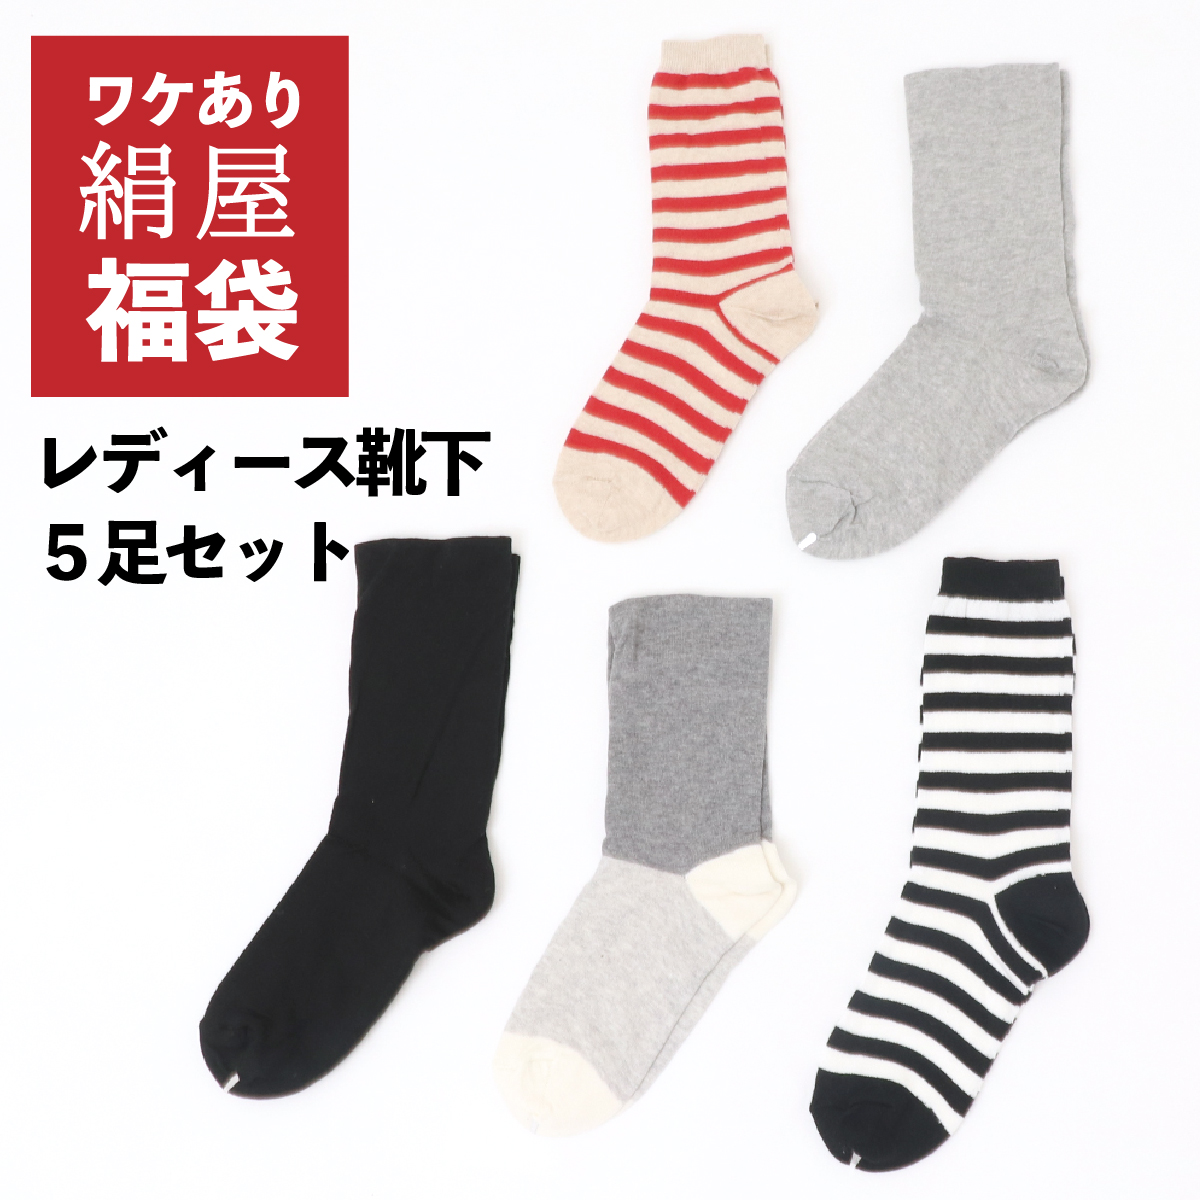 訳アリ 2重編み靴下 5点 福袋 レディース 女性用 冷え取り 温活 靴下 くつした ソックス 絹 シルク 日本製